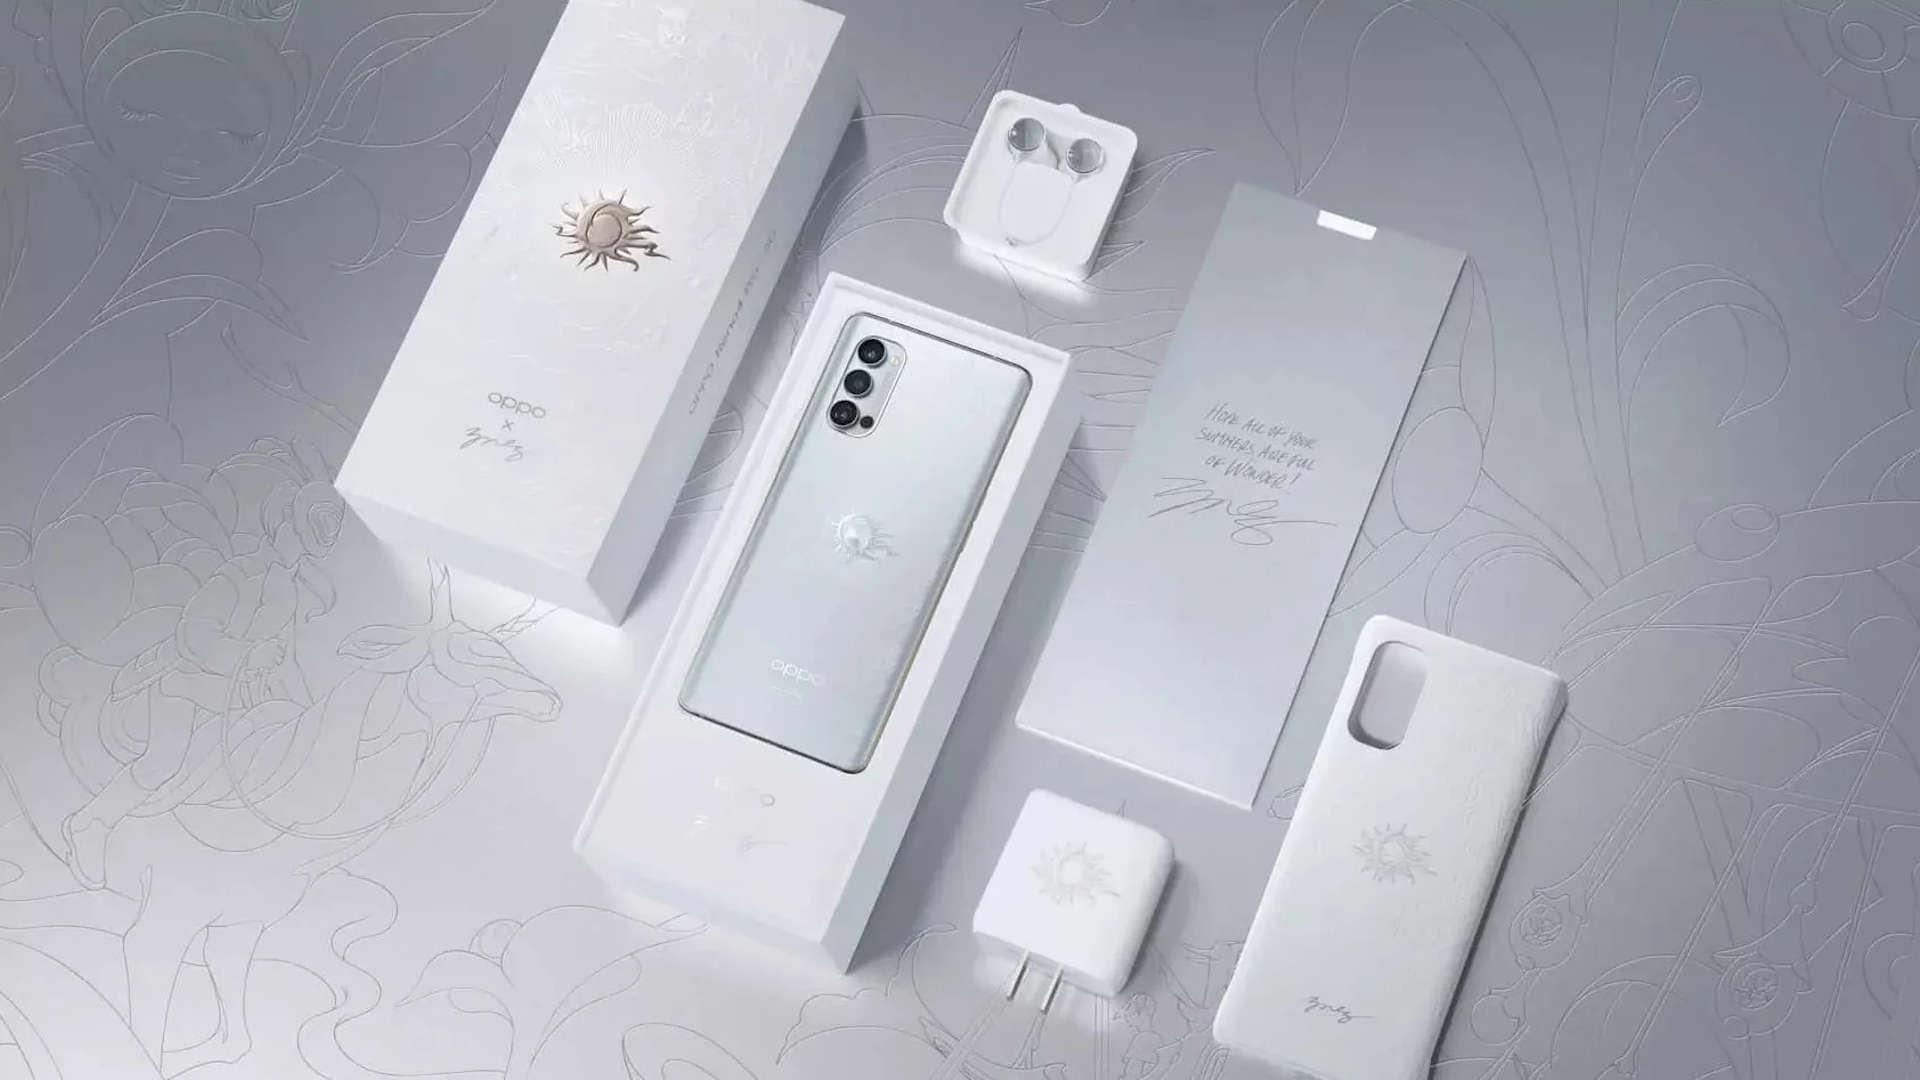 L'arte diventa uno smartphone: OPPO presenta Oppo Reno 4 Pro Artist Limited Edition (foto)